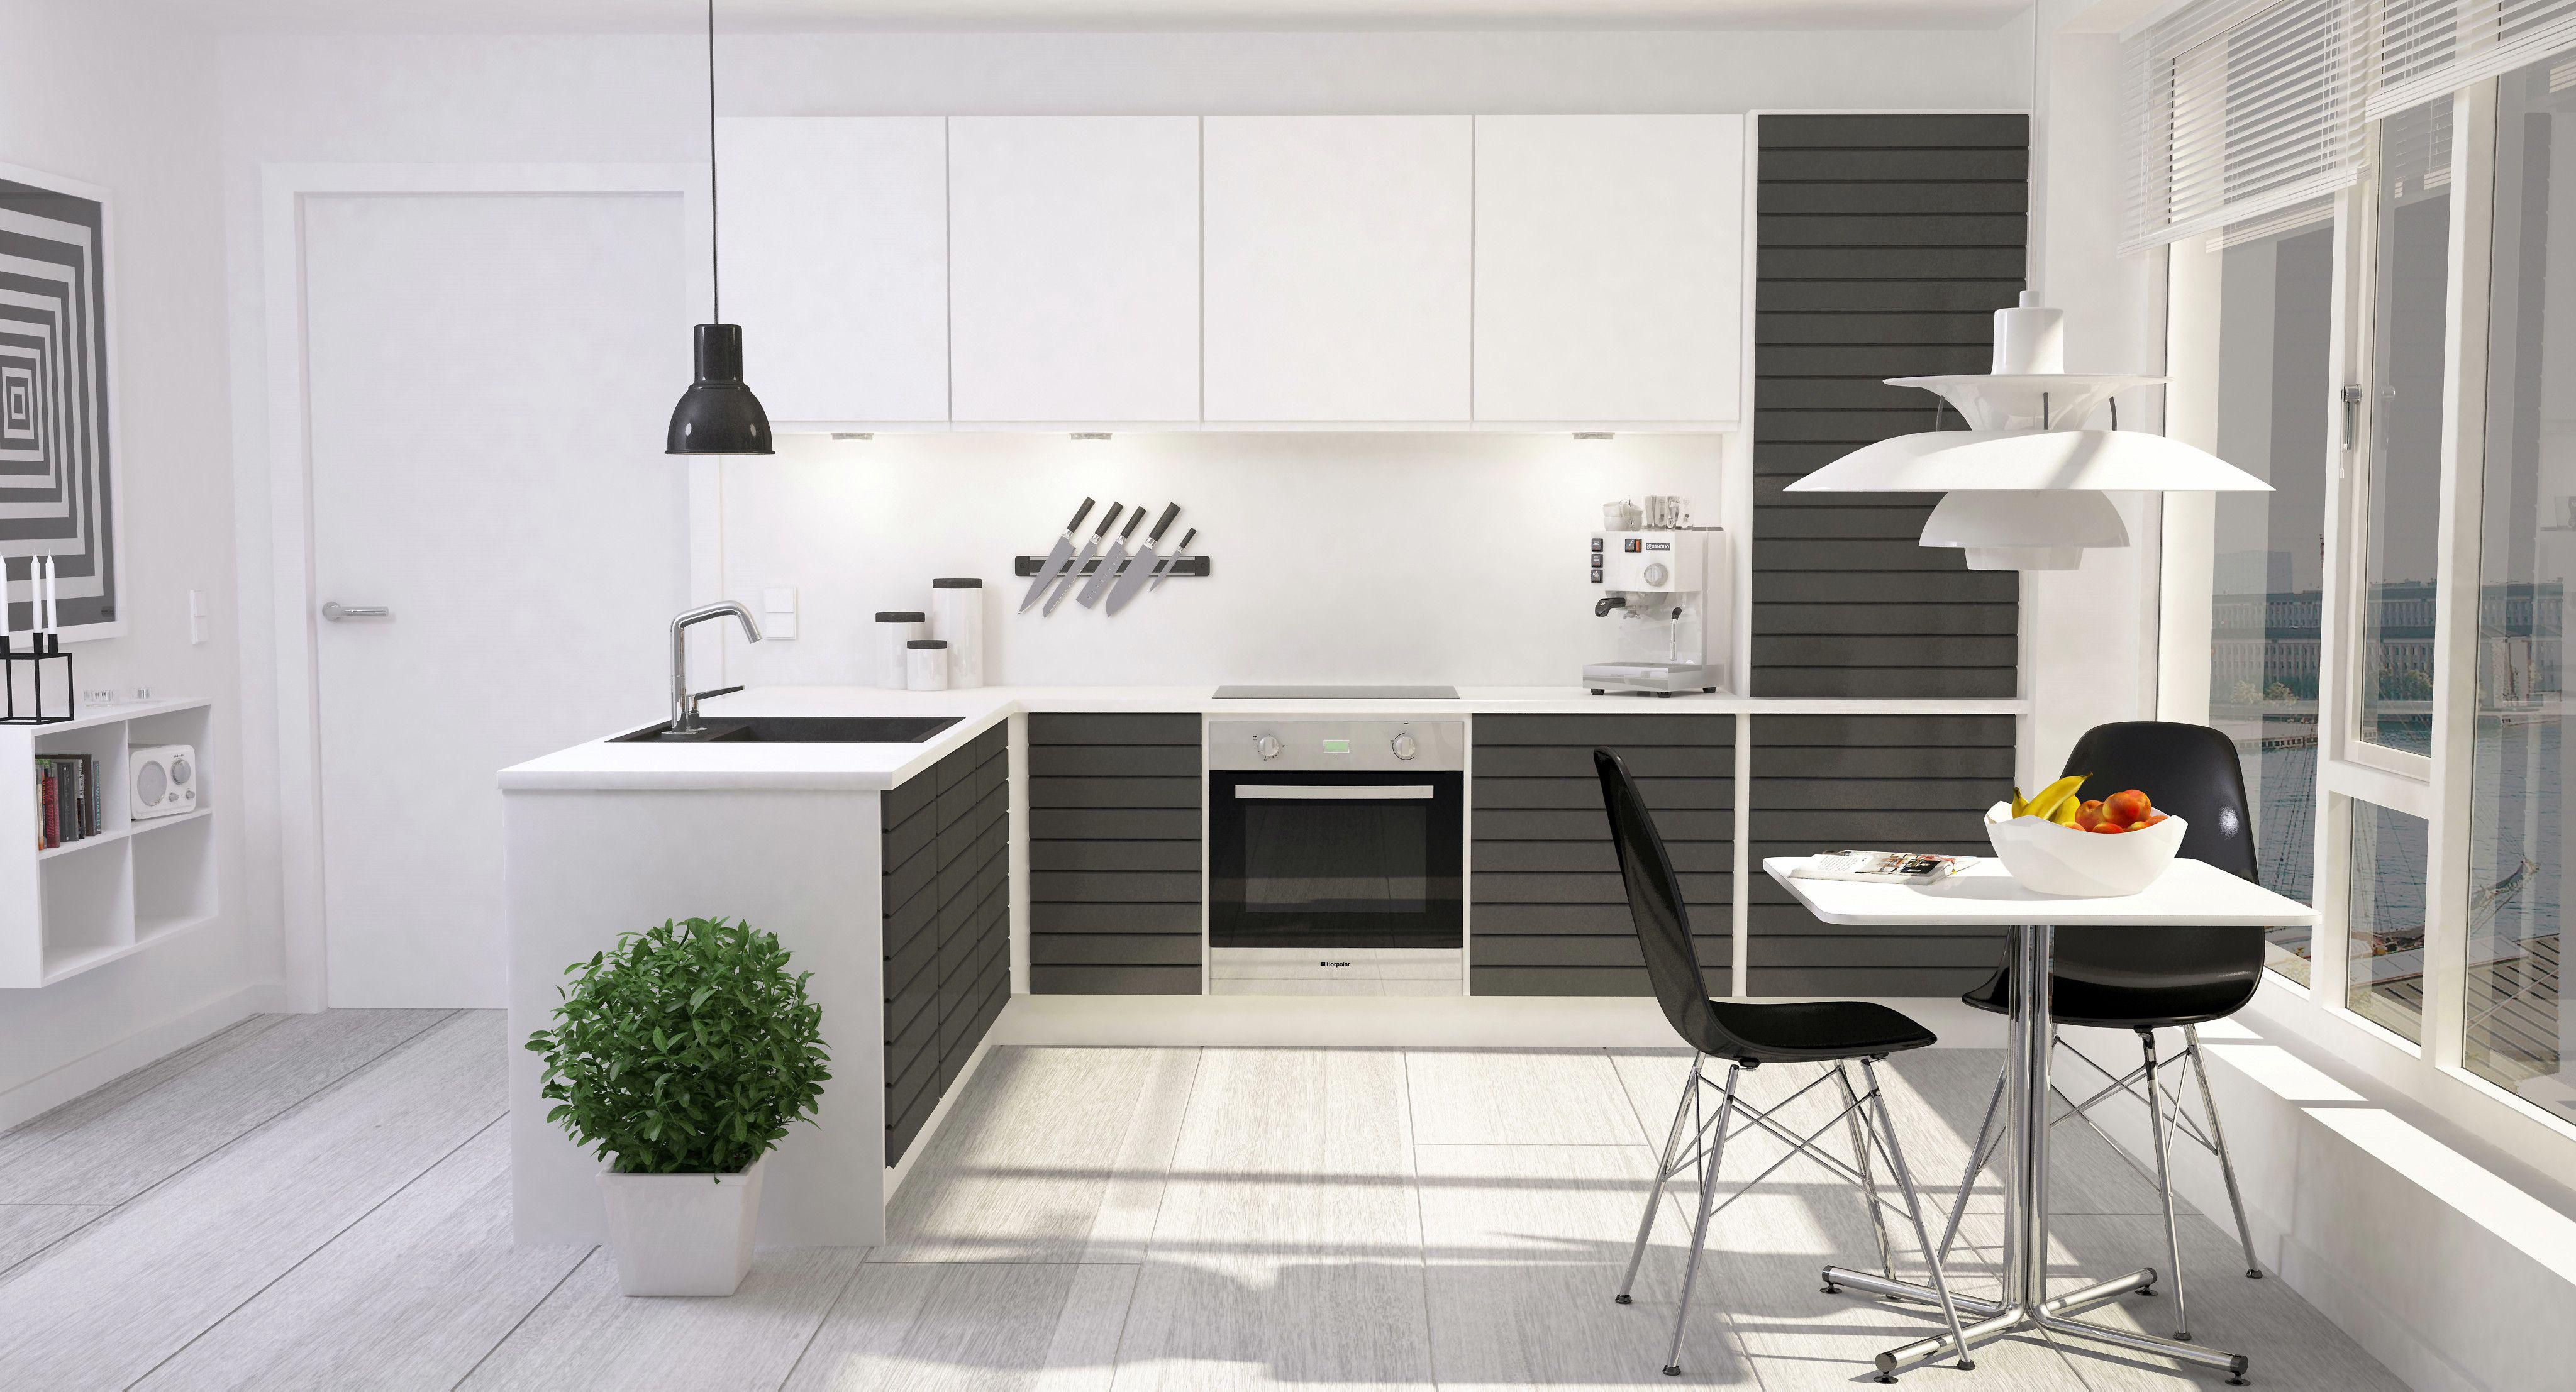 Semplici idee di interior design per la cucina la migliore luce